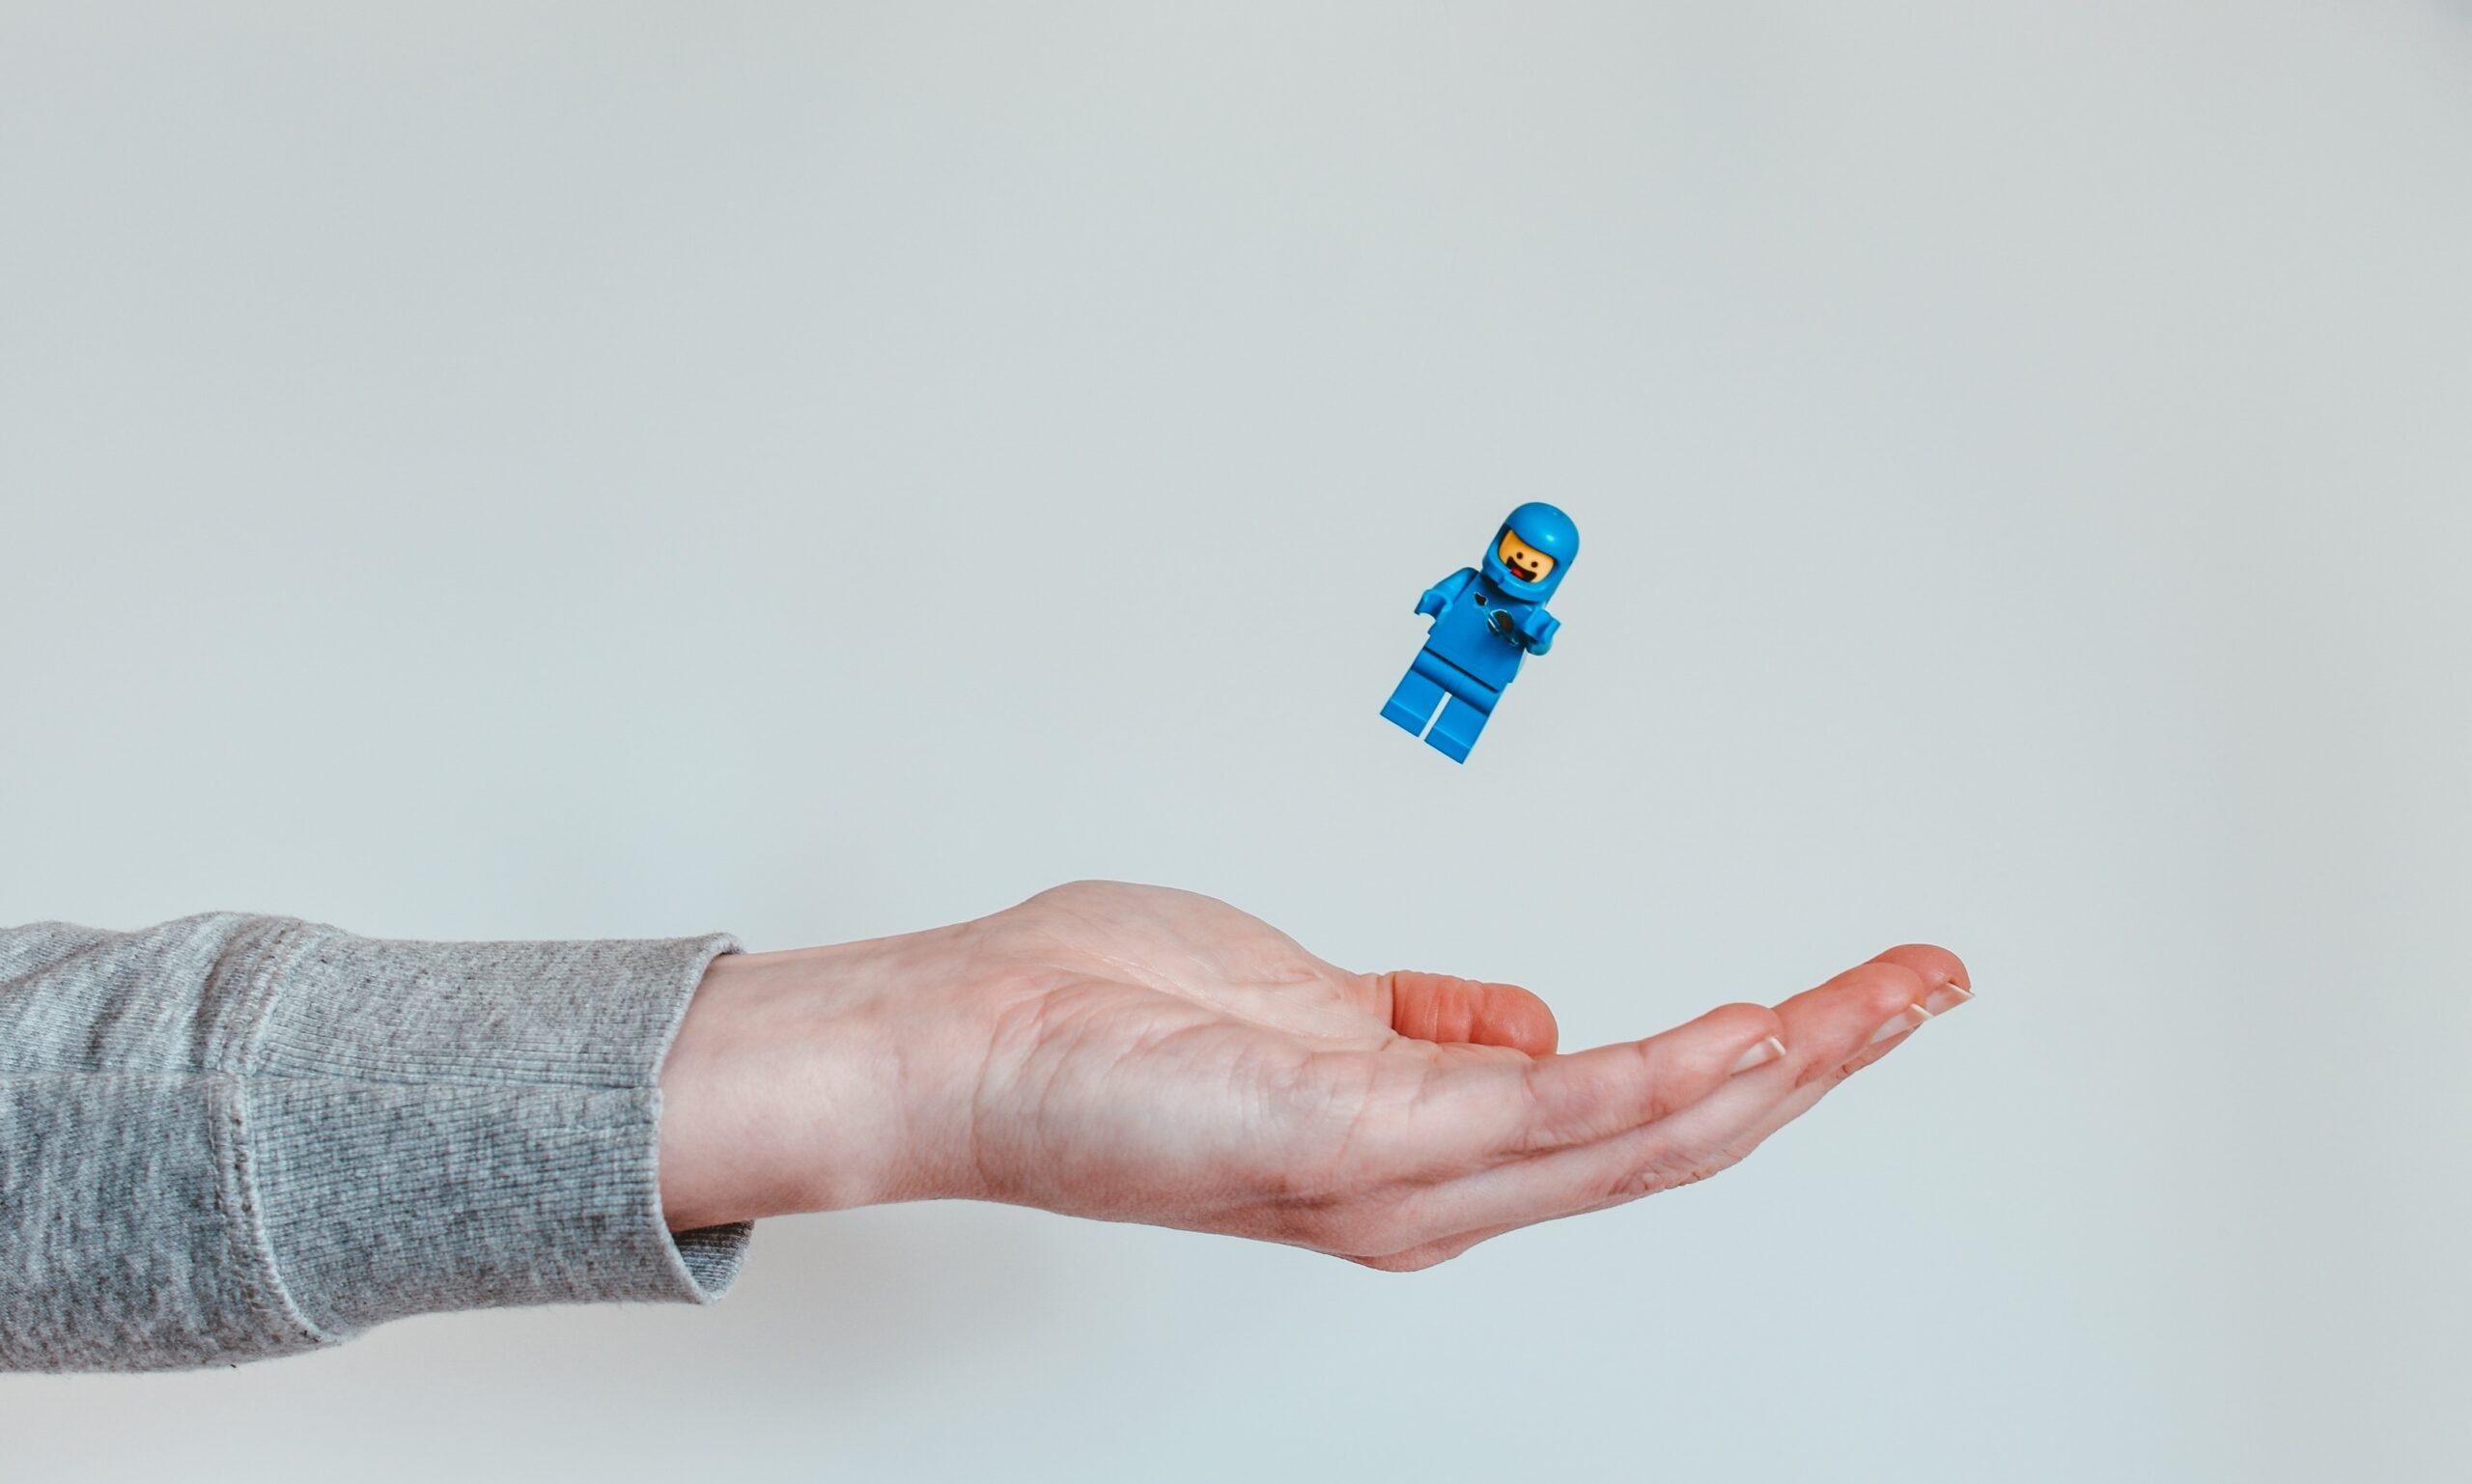 Lego figurine flying